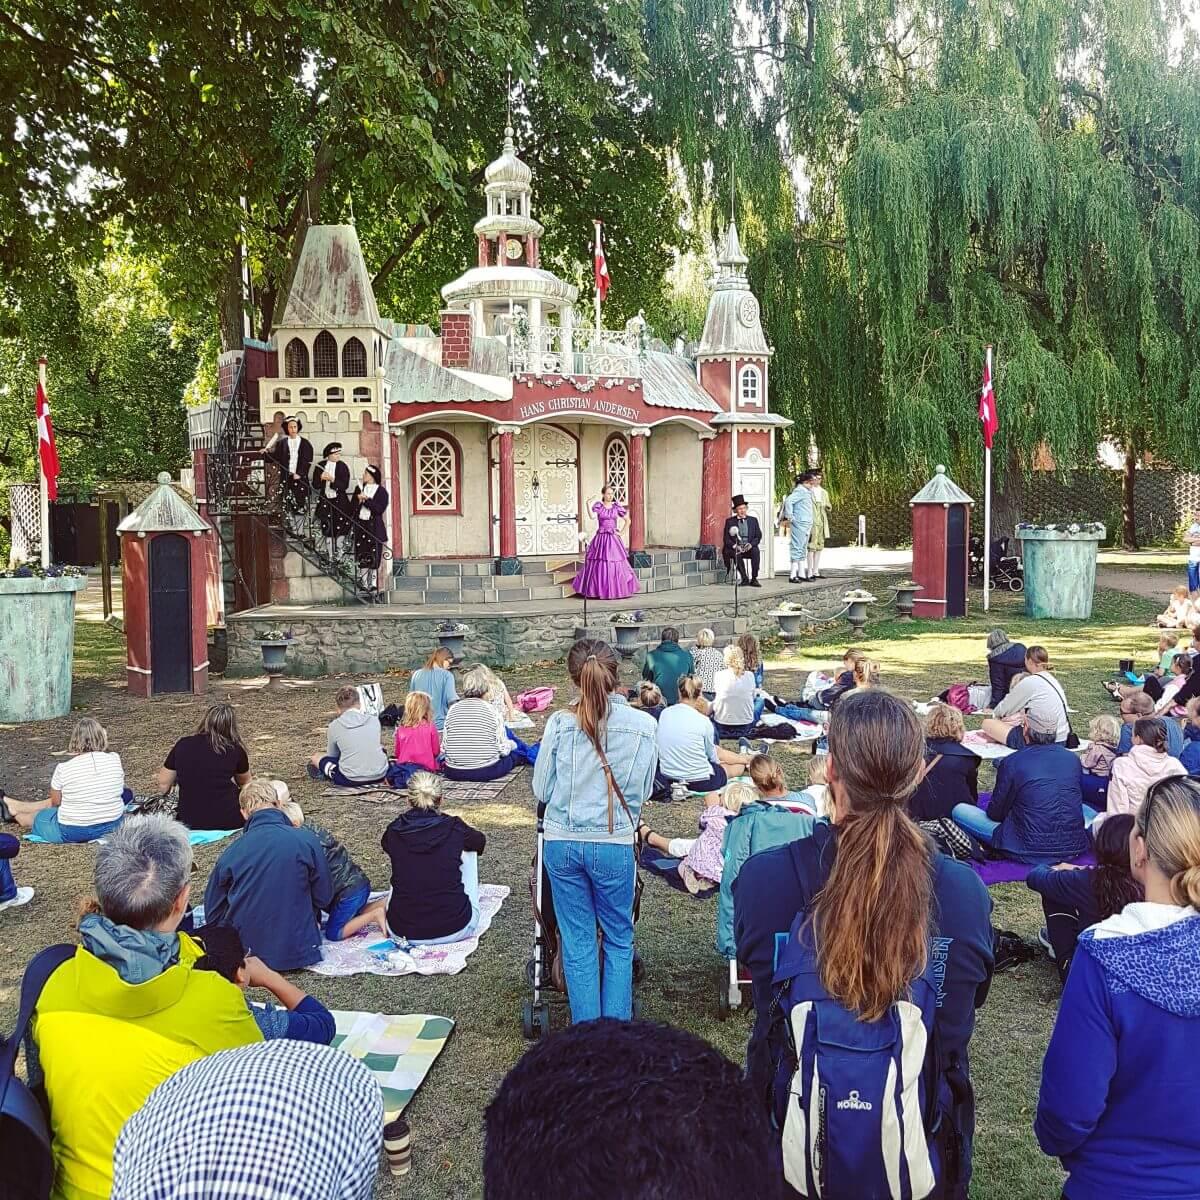 Vakantie met kids: sprookjesachtig Funen in Denemarken - moderne stad Odense met historie van Hans Andersen, theater in de Hans Andersen Garden